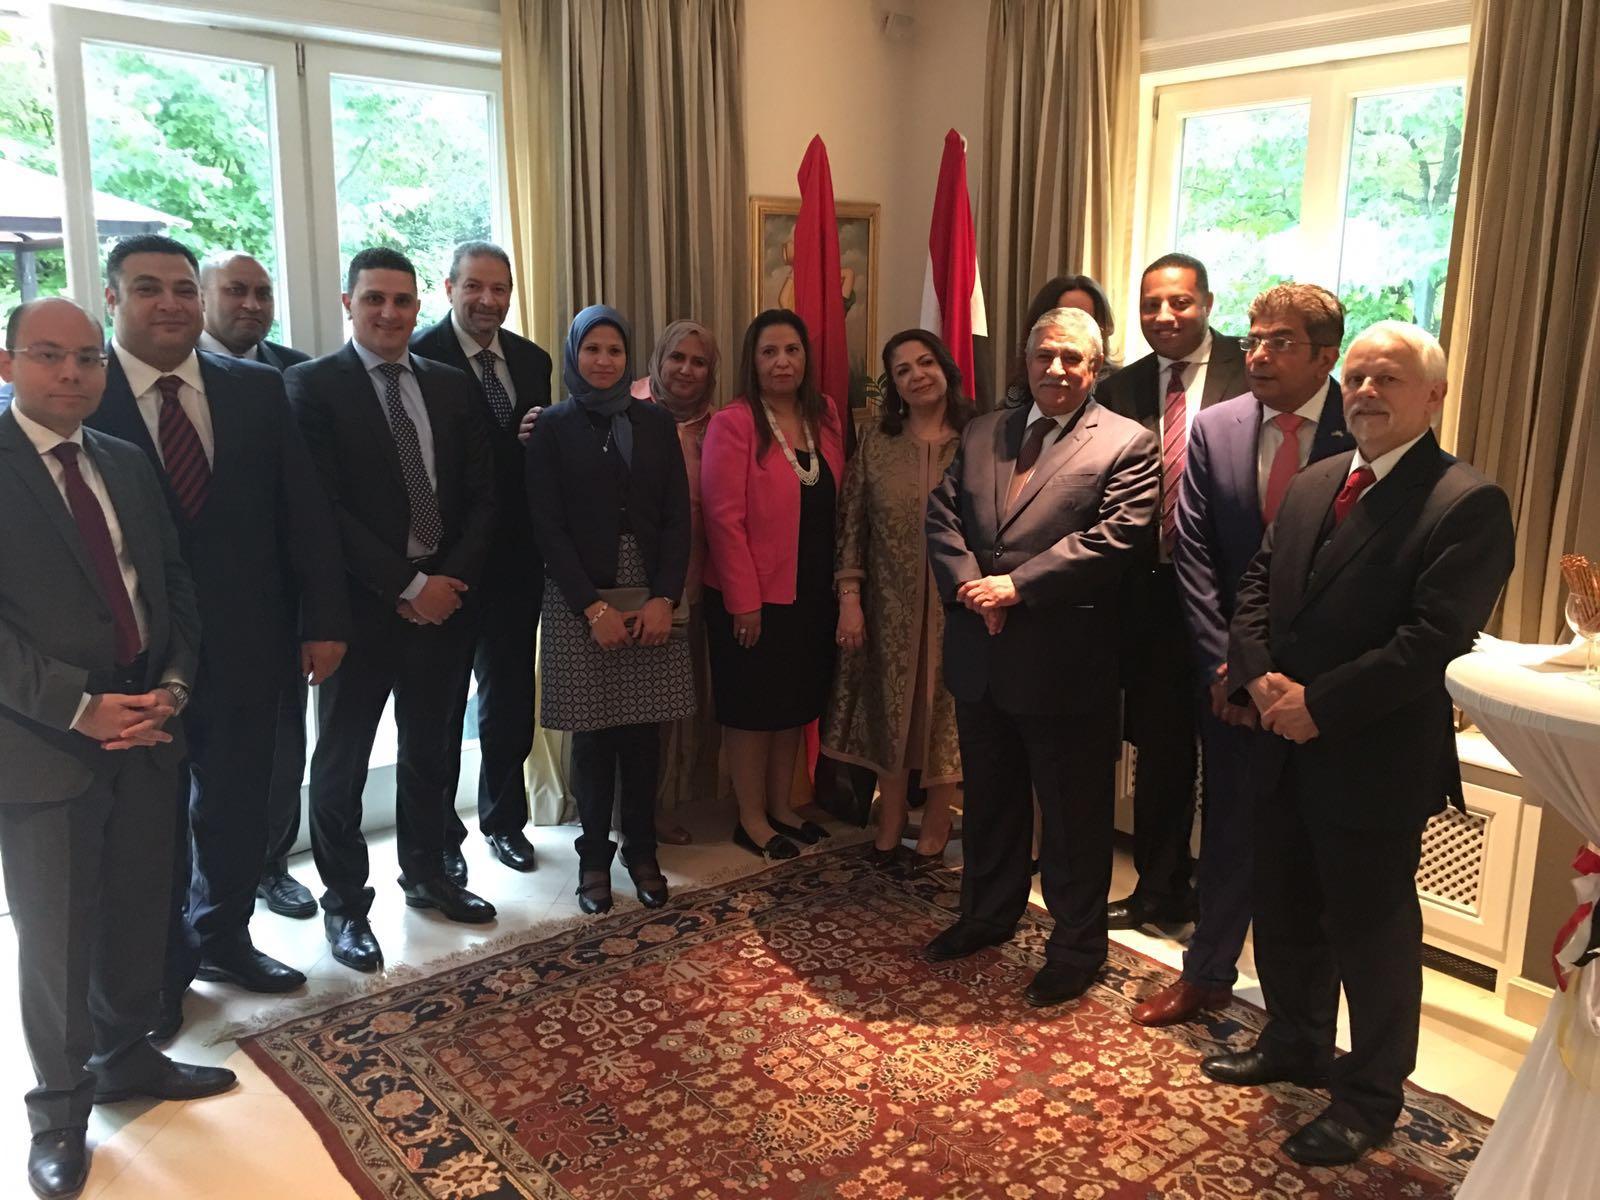 بالصور.. قنصلية مصر في فرانكفورت تحتفل باليوم الوطني المصري بحضور منير